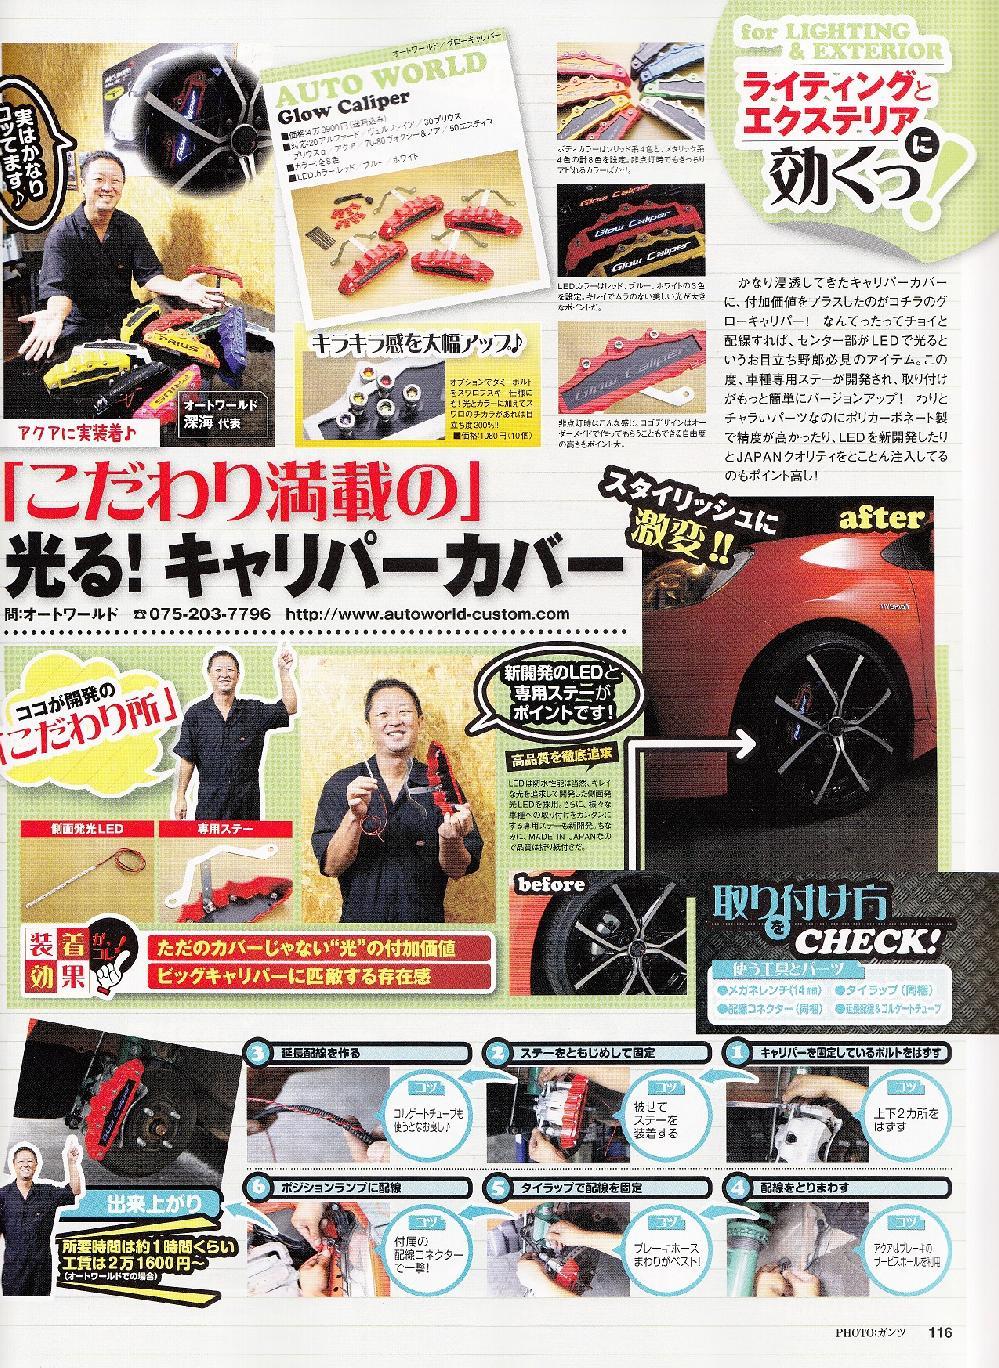 2014年 8月号 三栄書房 スタイルワゴンCLUB 116〜117ページ